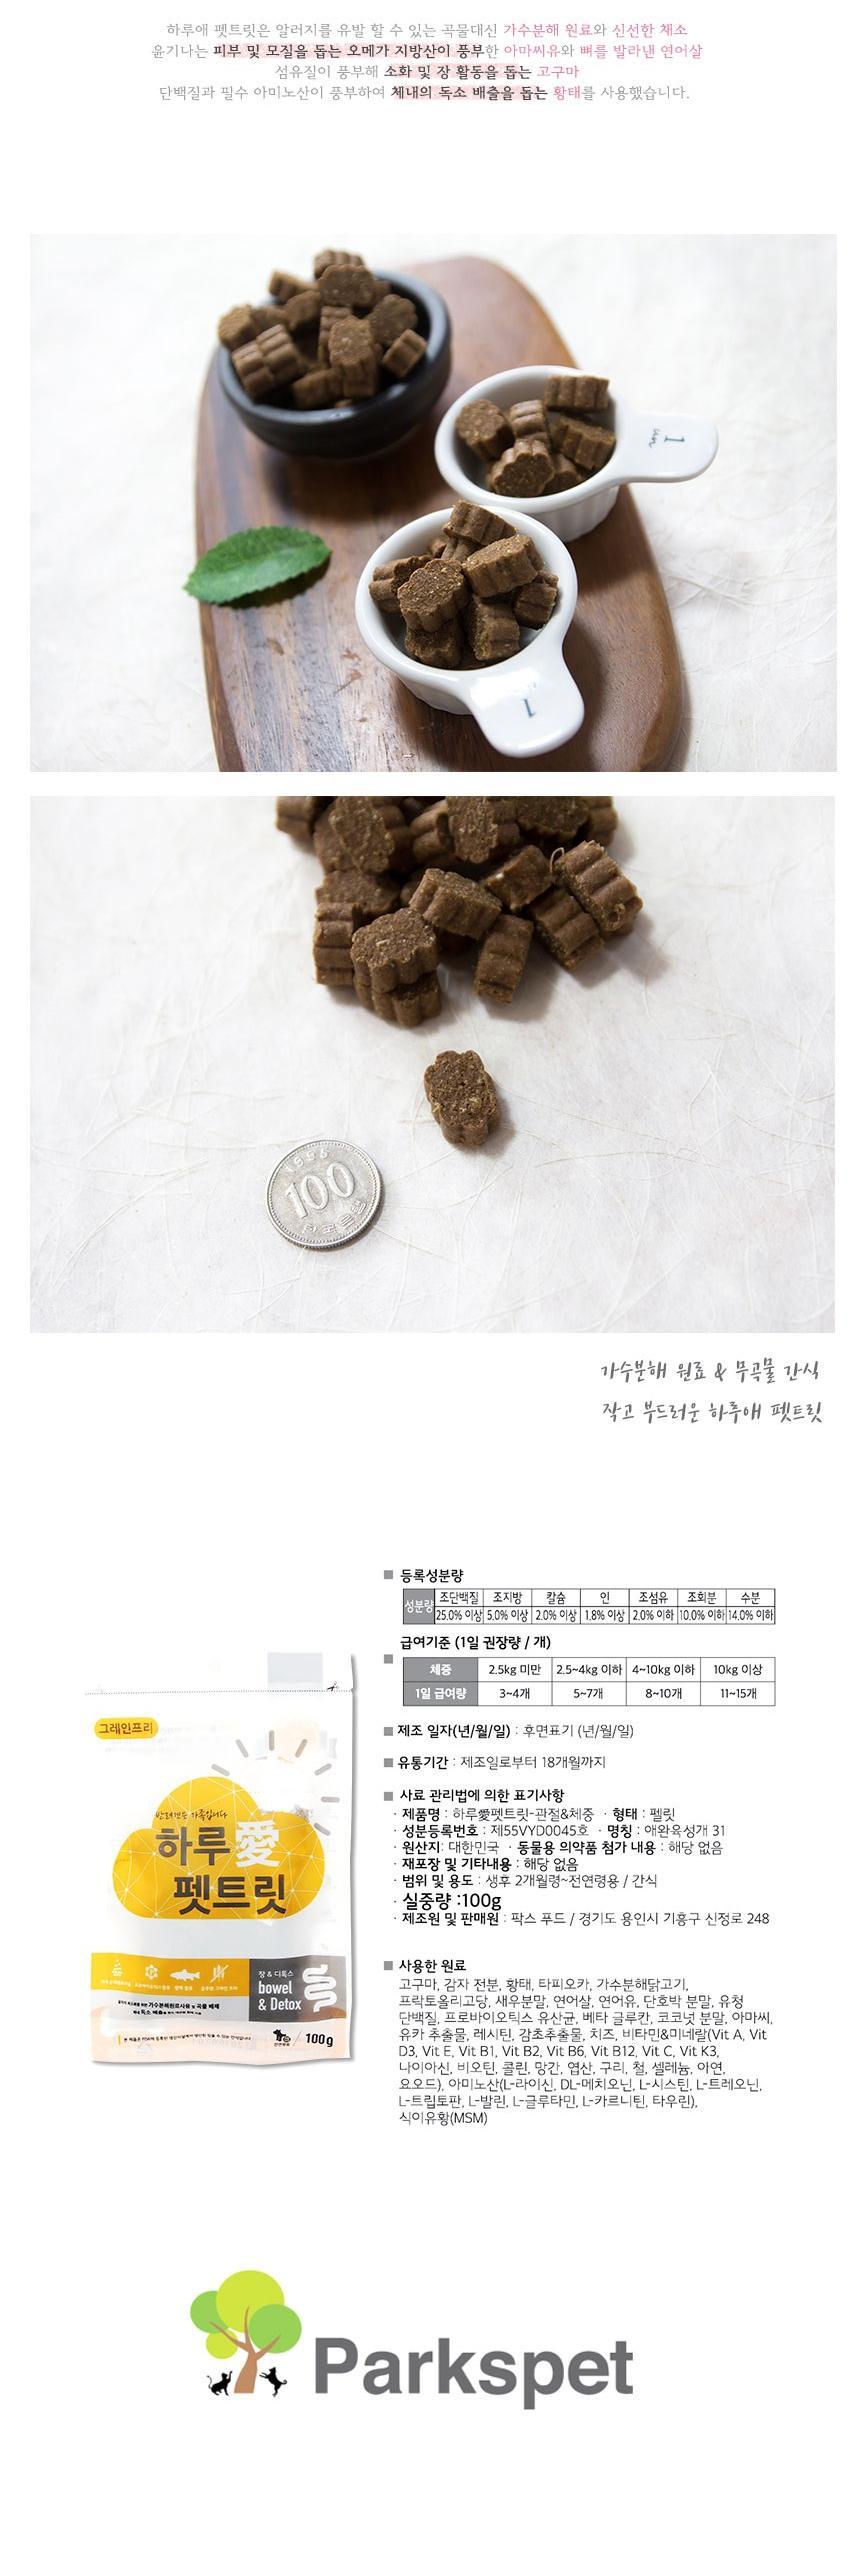 작고 부드러운 간식 펫트릿 장n디톡스 100g x5 영양간 영양간식 건강간식 기능성간식 반려견간식 애견간식